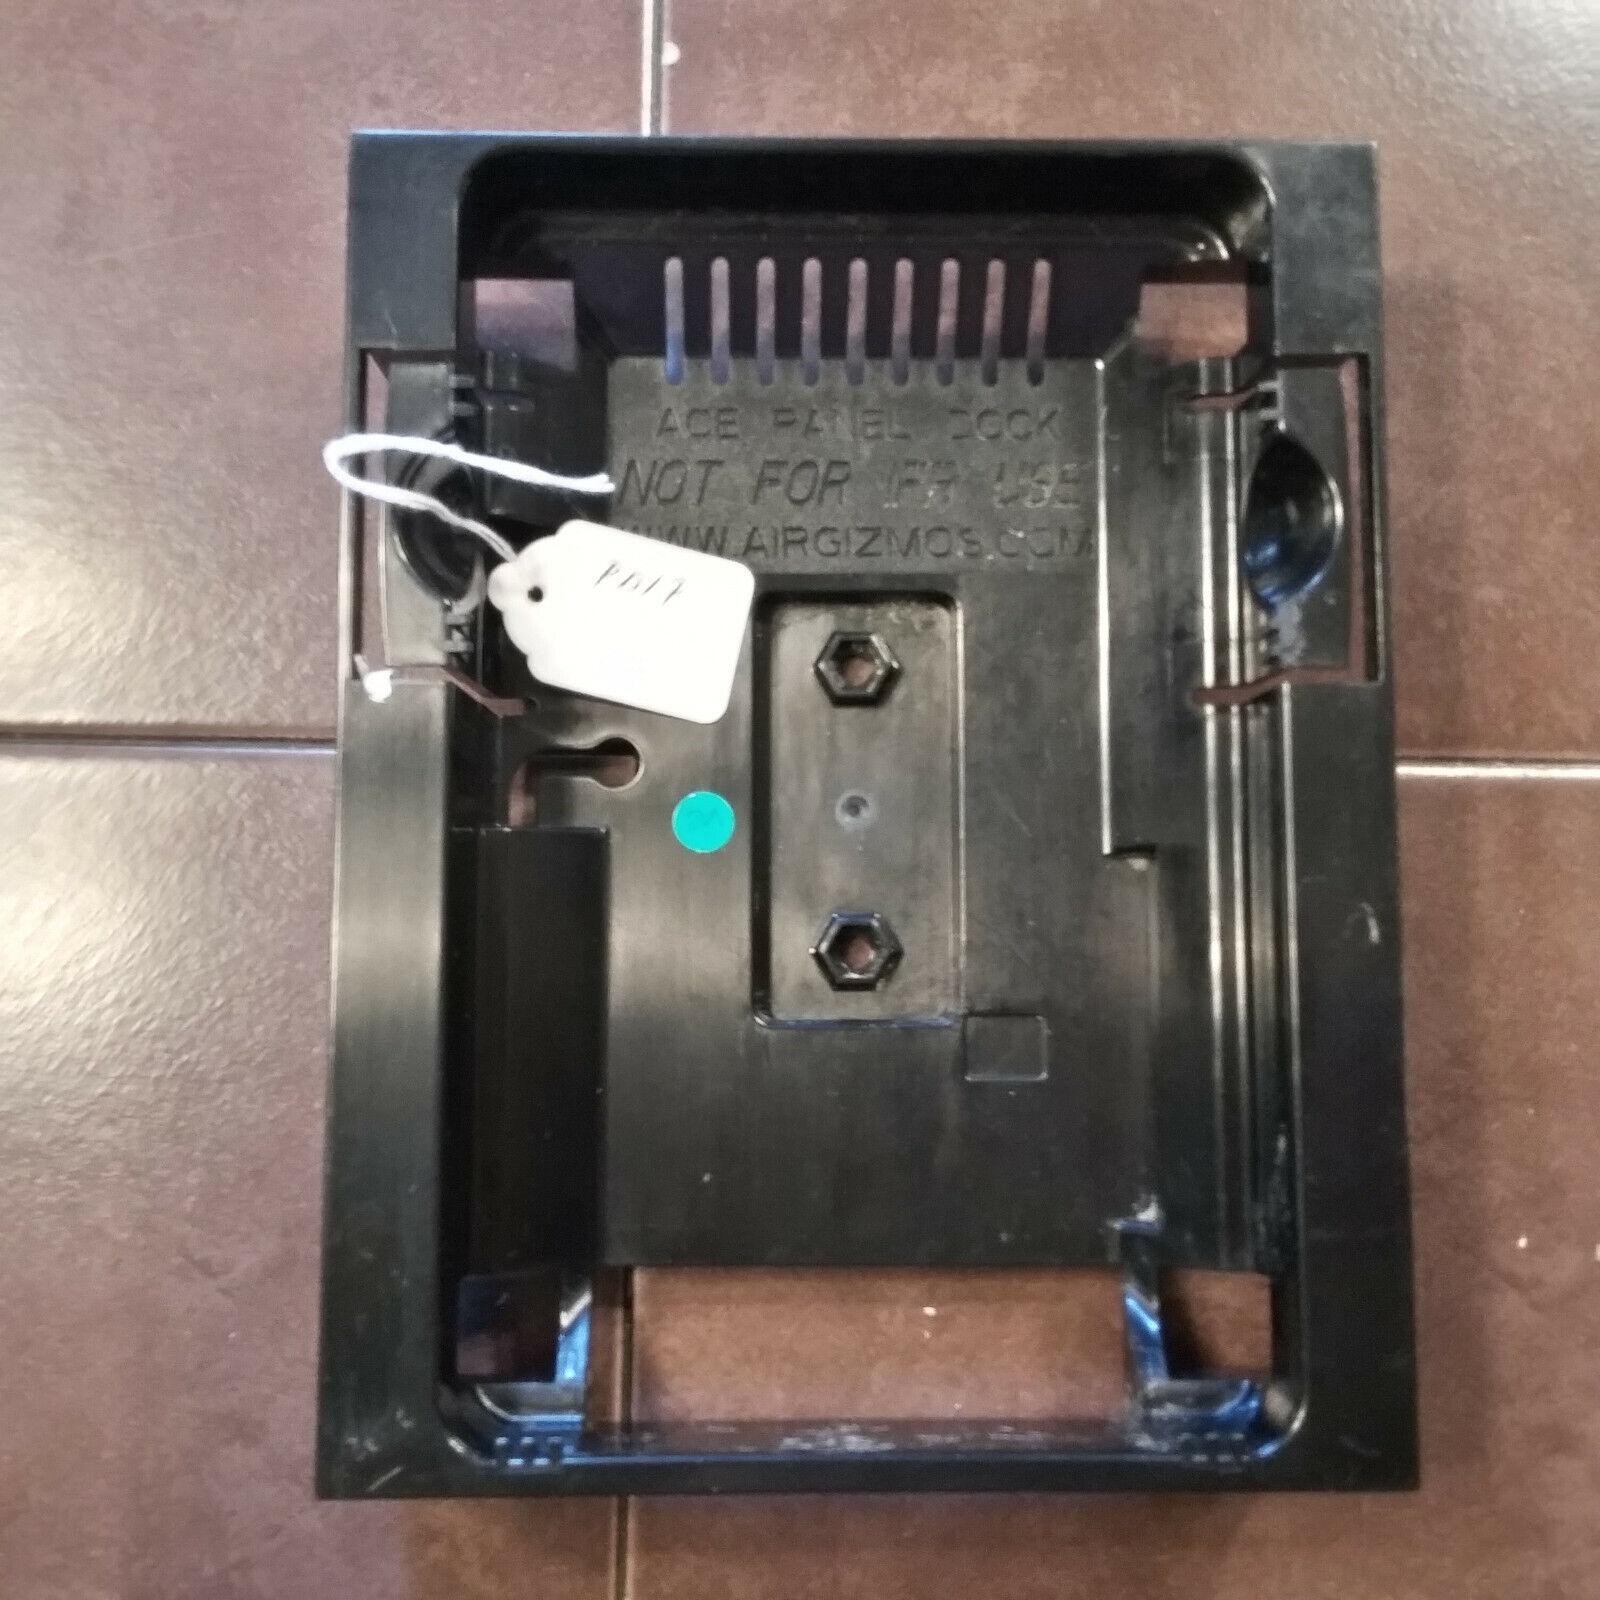 Airgizmmos AV8OR ACE Panel Dock® PD17,